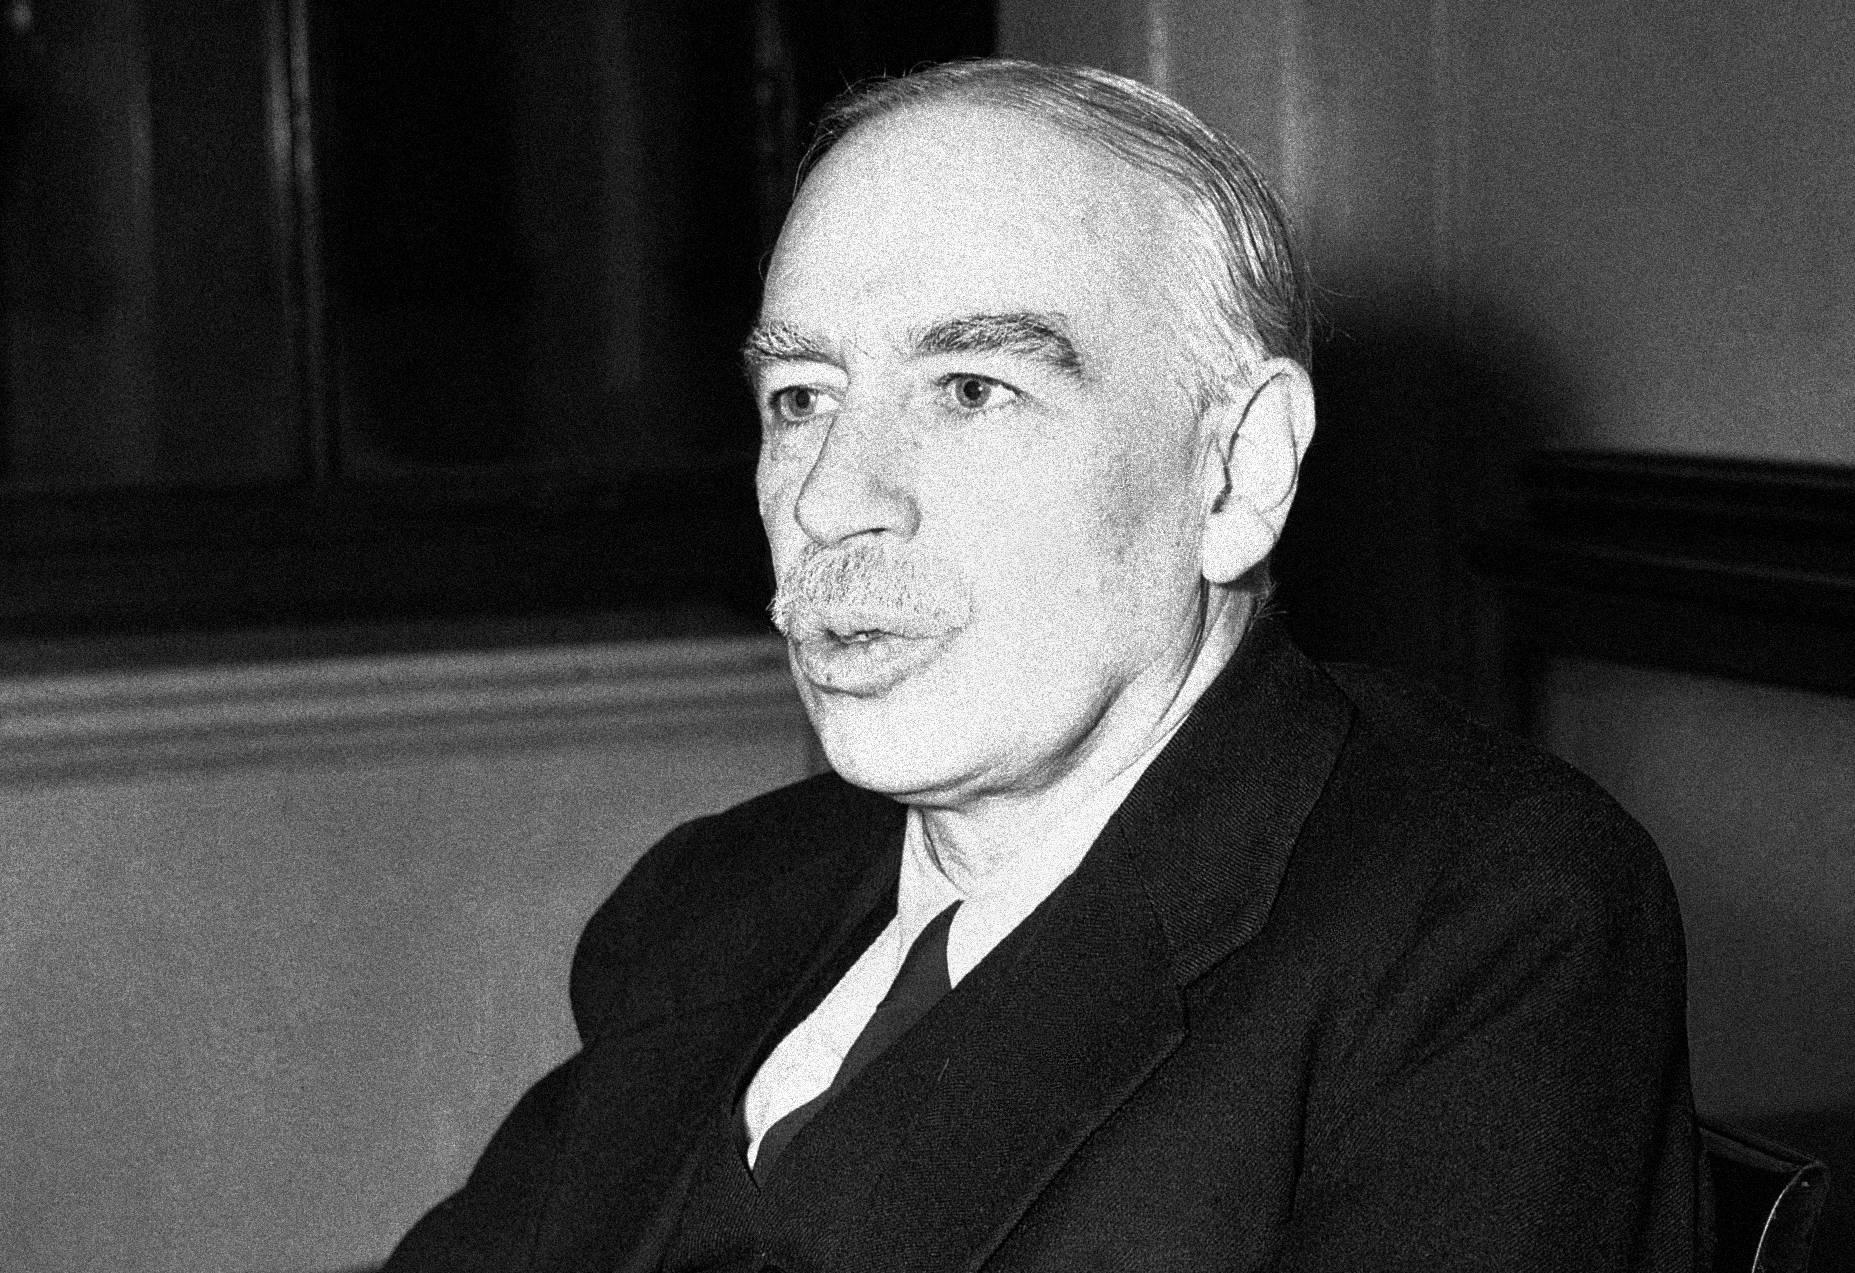 John Maynard Keynes in his office at the Treasury in London on Aug. 25, 1945. (AP)